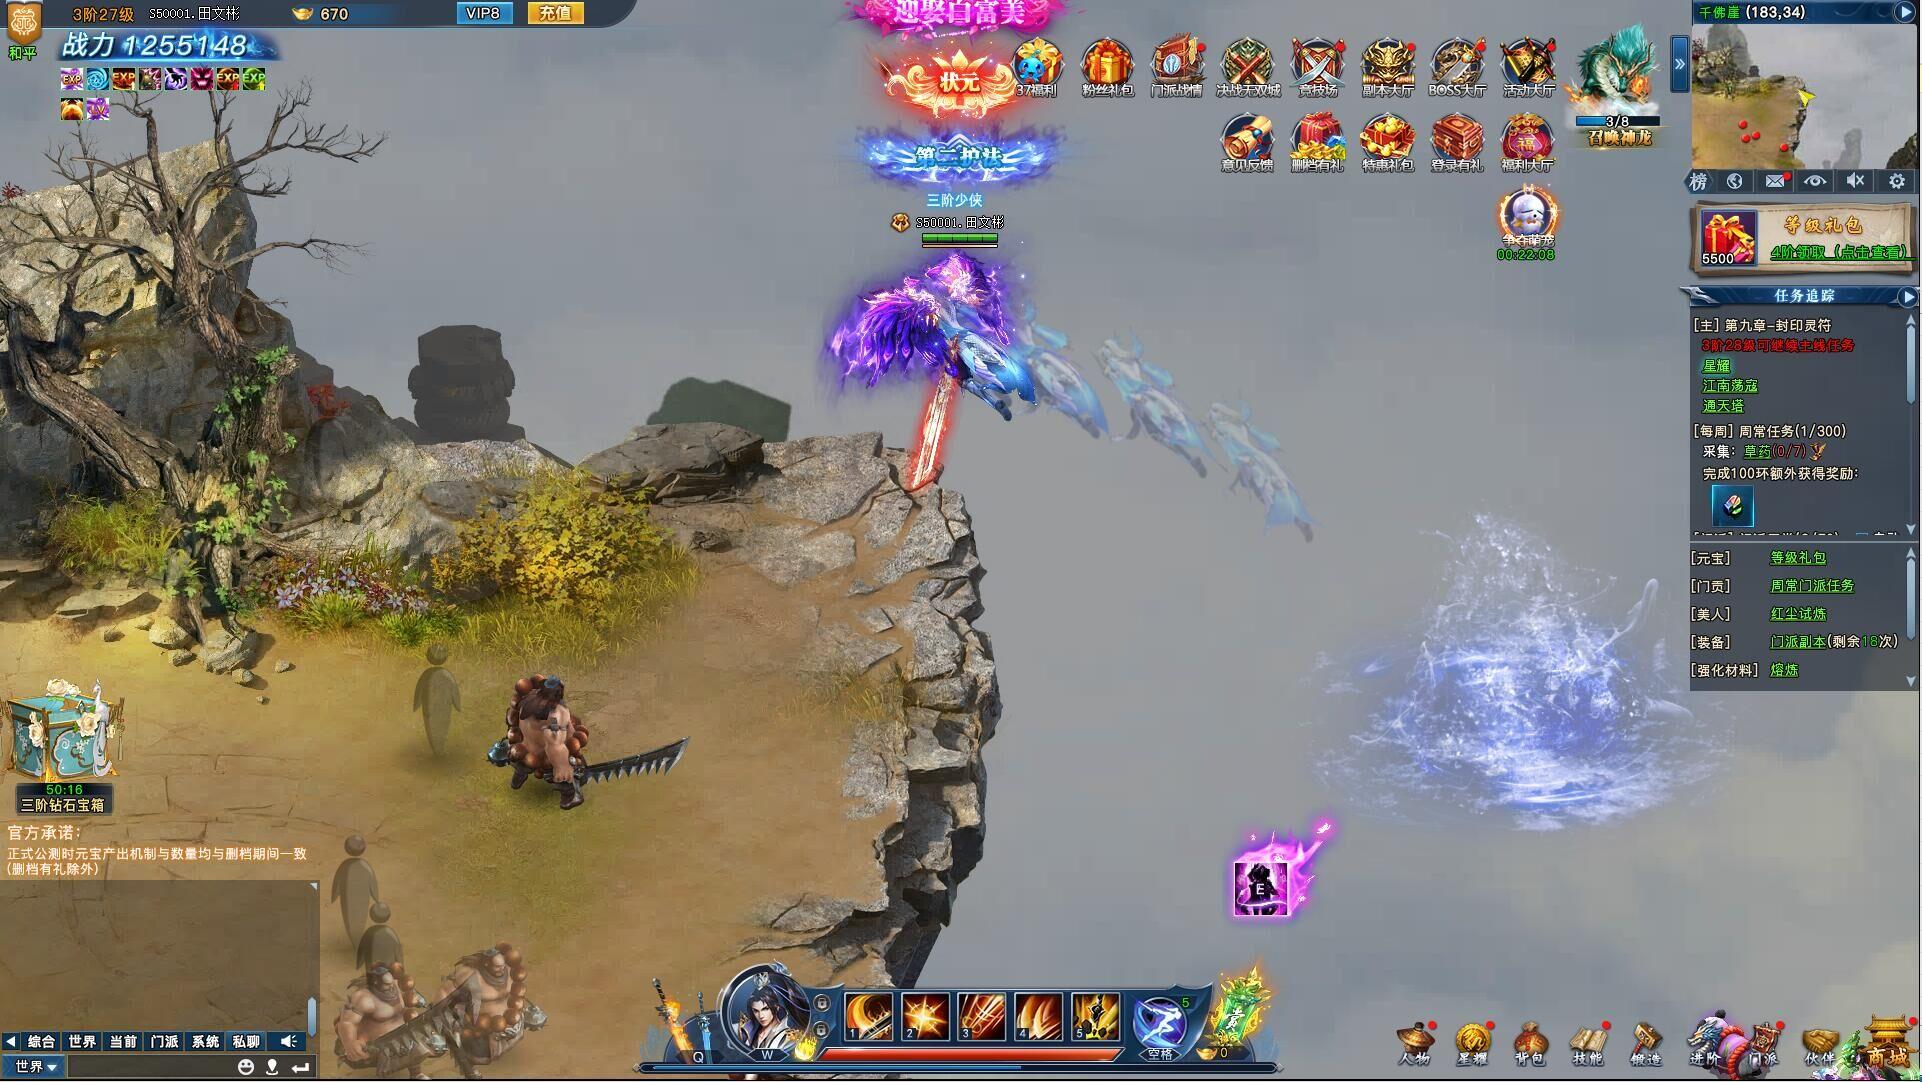 《天剑狂刀》游戏截图